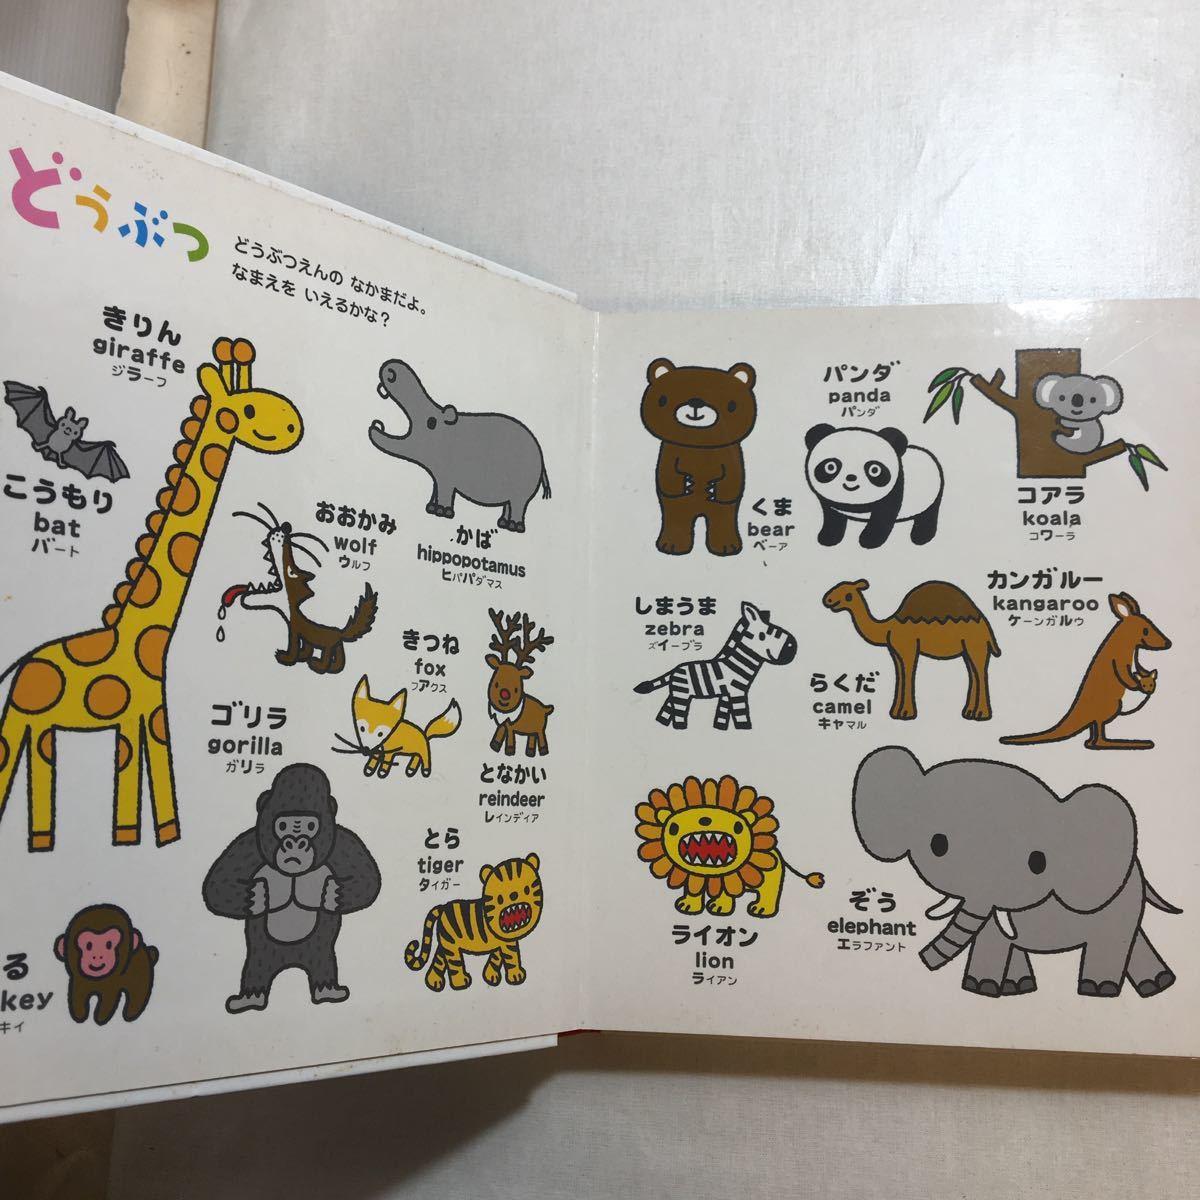 zaa-239♪0さい~4さい こどもずかん 英語つき (学研こどもずかん) 幼児向け 図鑑 ボードブック2冊セット よしだ じゅんこ (イラスト)